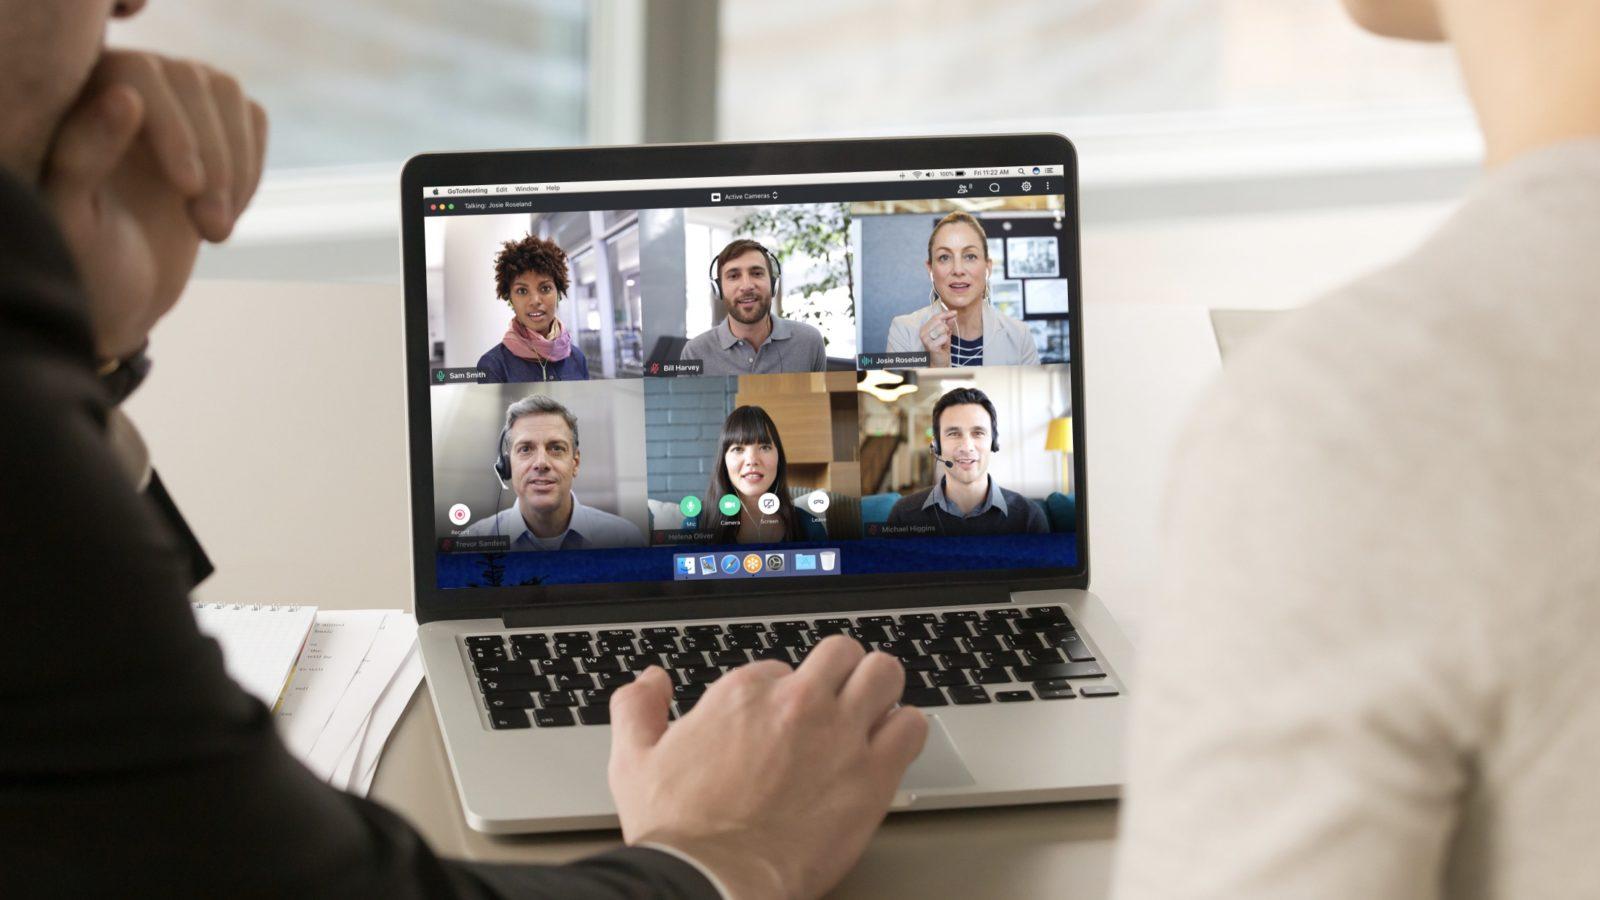 Hãy lựa chọn đơn vị tổ chức nếu bạn chưa có kinh nghiệm làm sự kiện trực tuyến